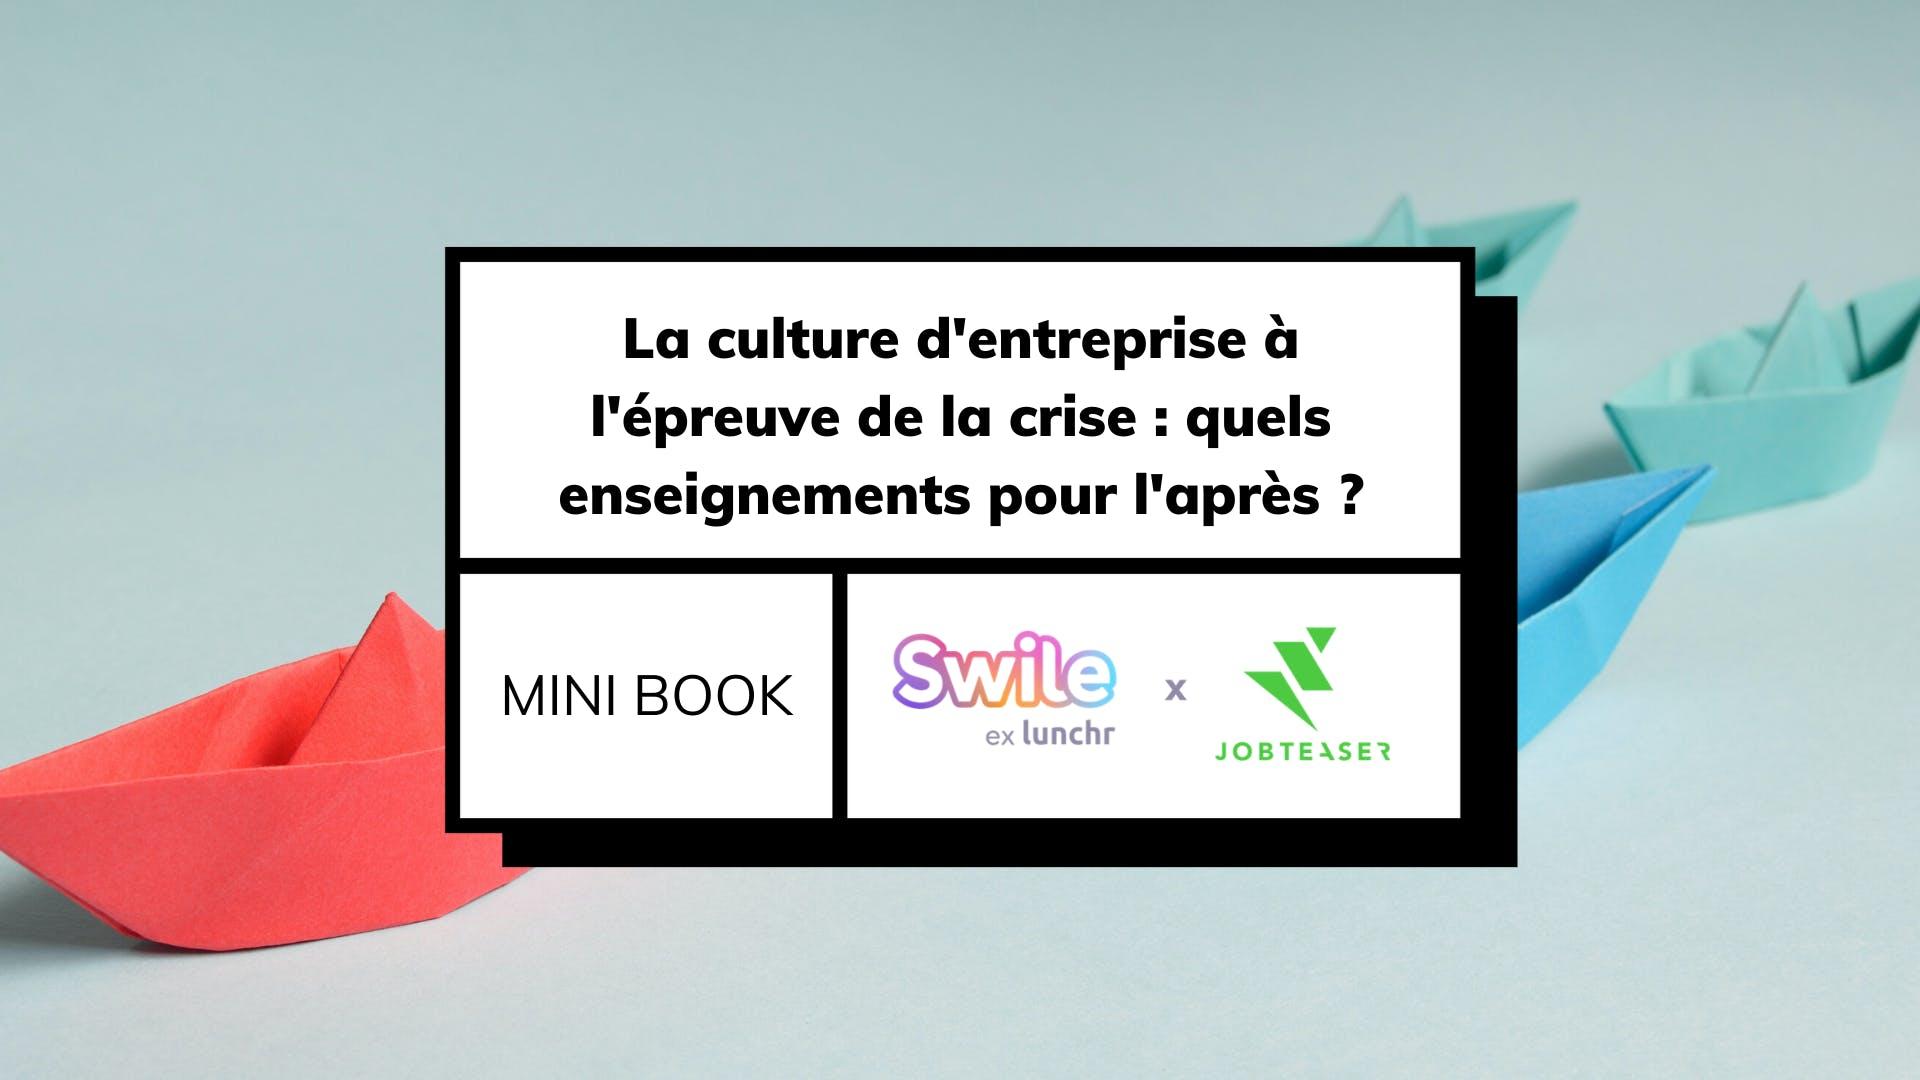 Téléchargez notre mini book consacré à la culture d'entreprise !